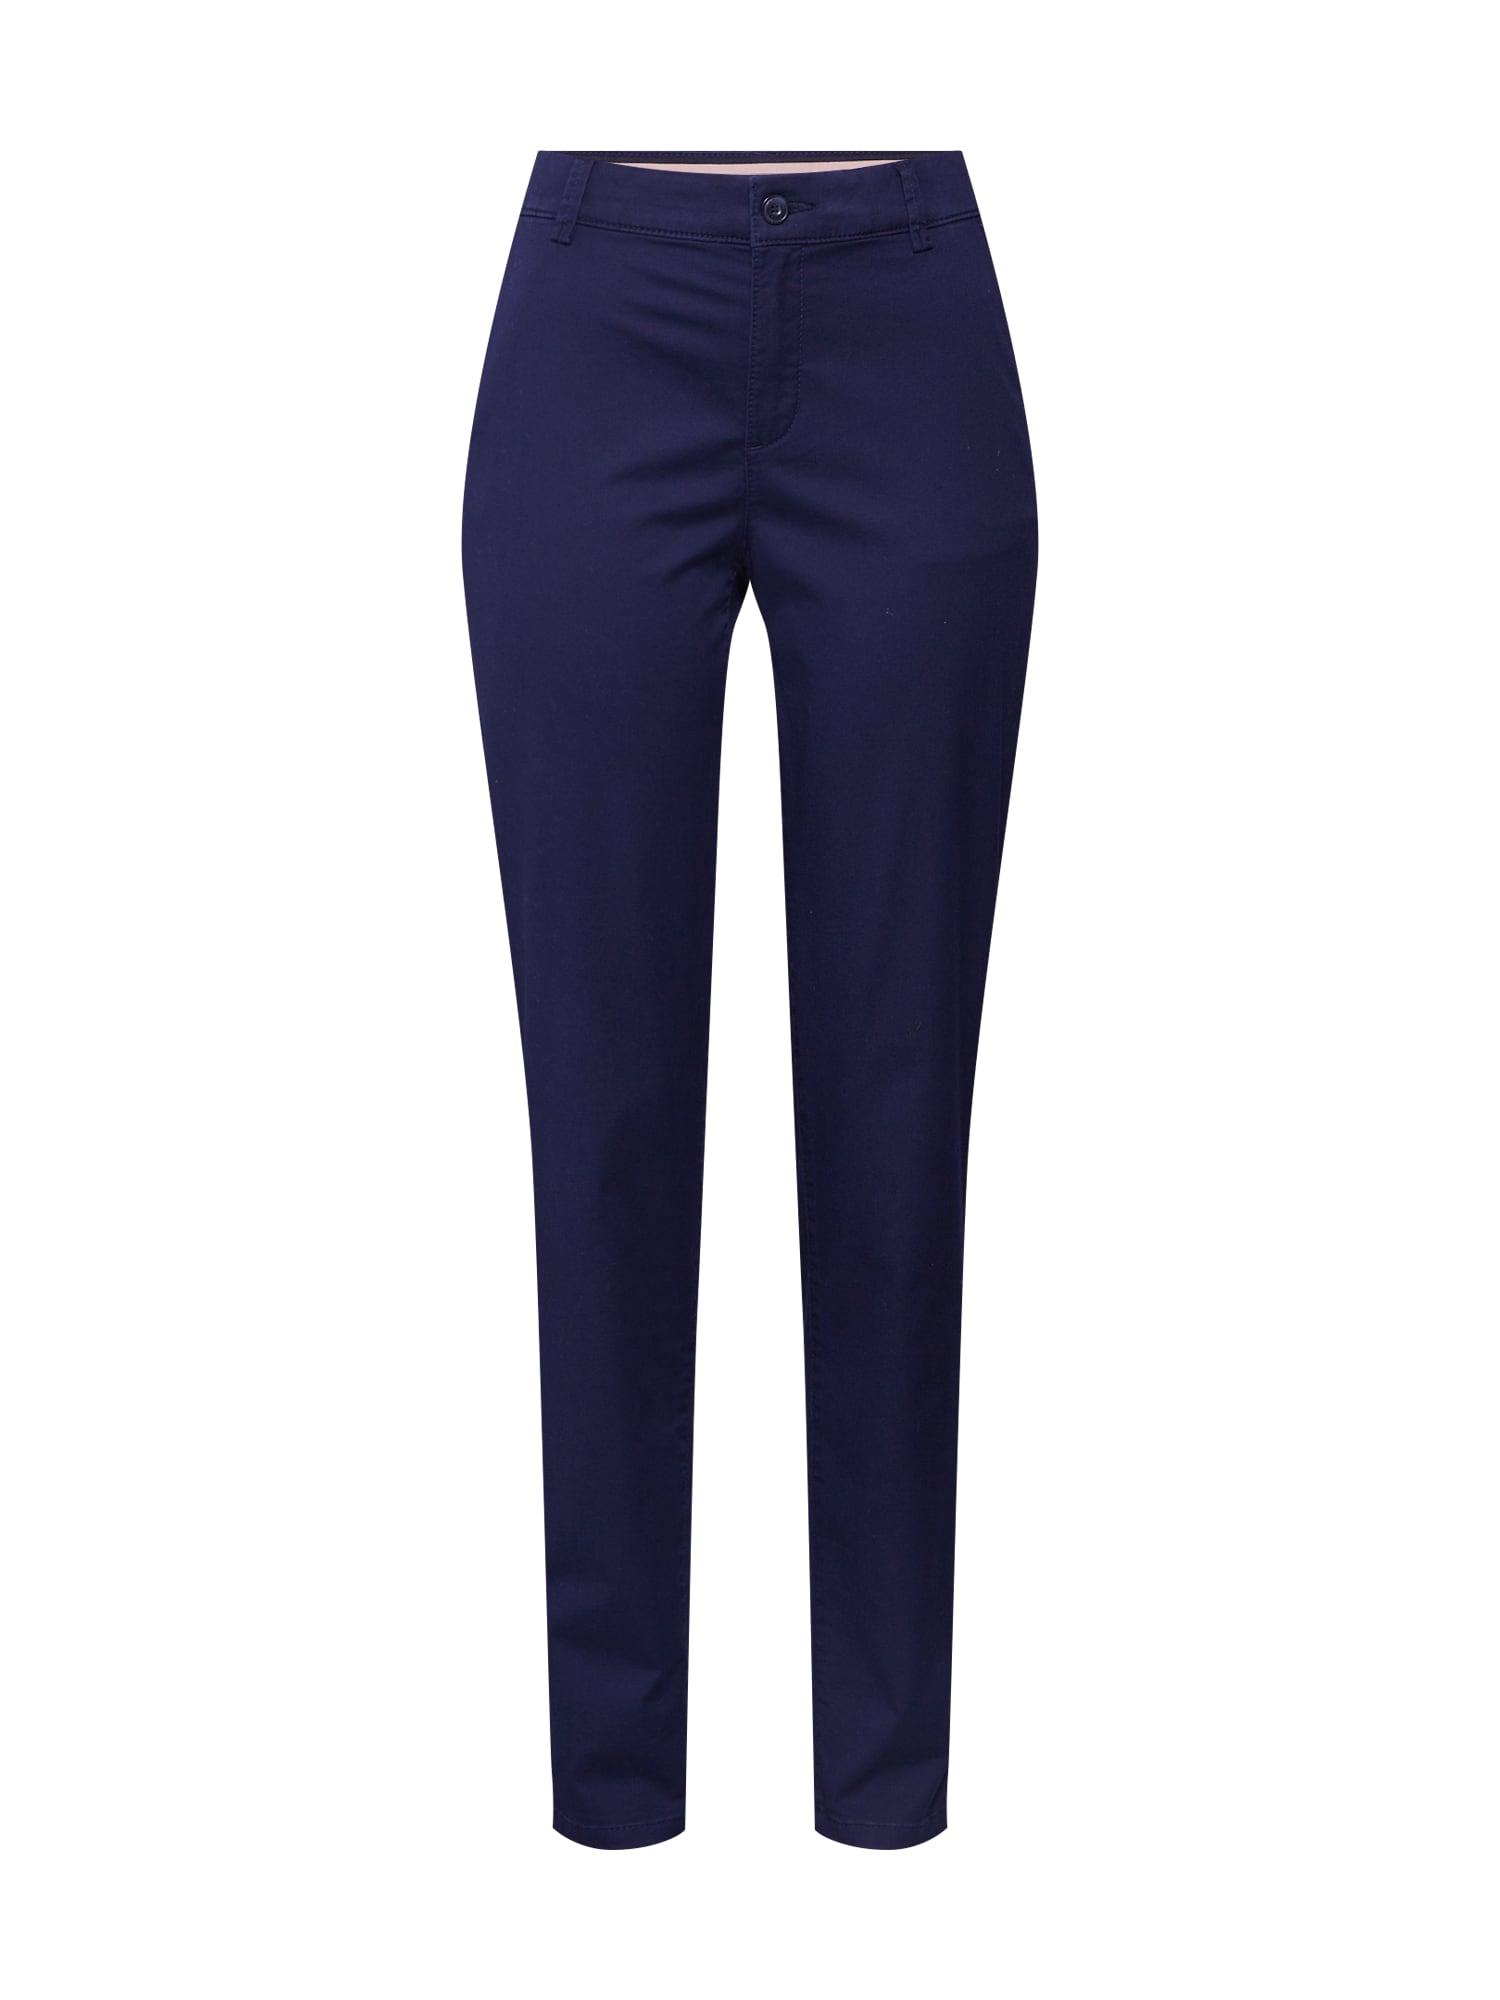 ESPRIT Chino stiliaus kelnės tamsiai mėlyna